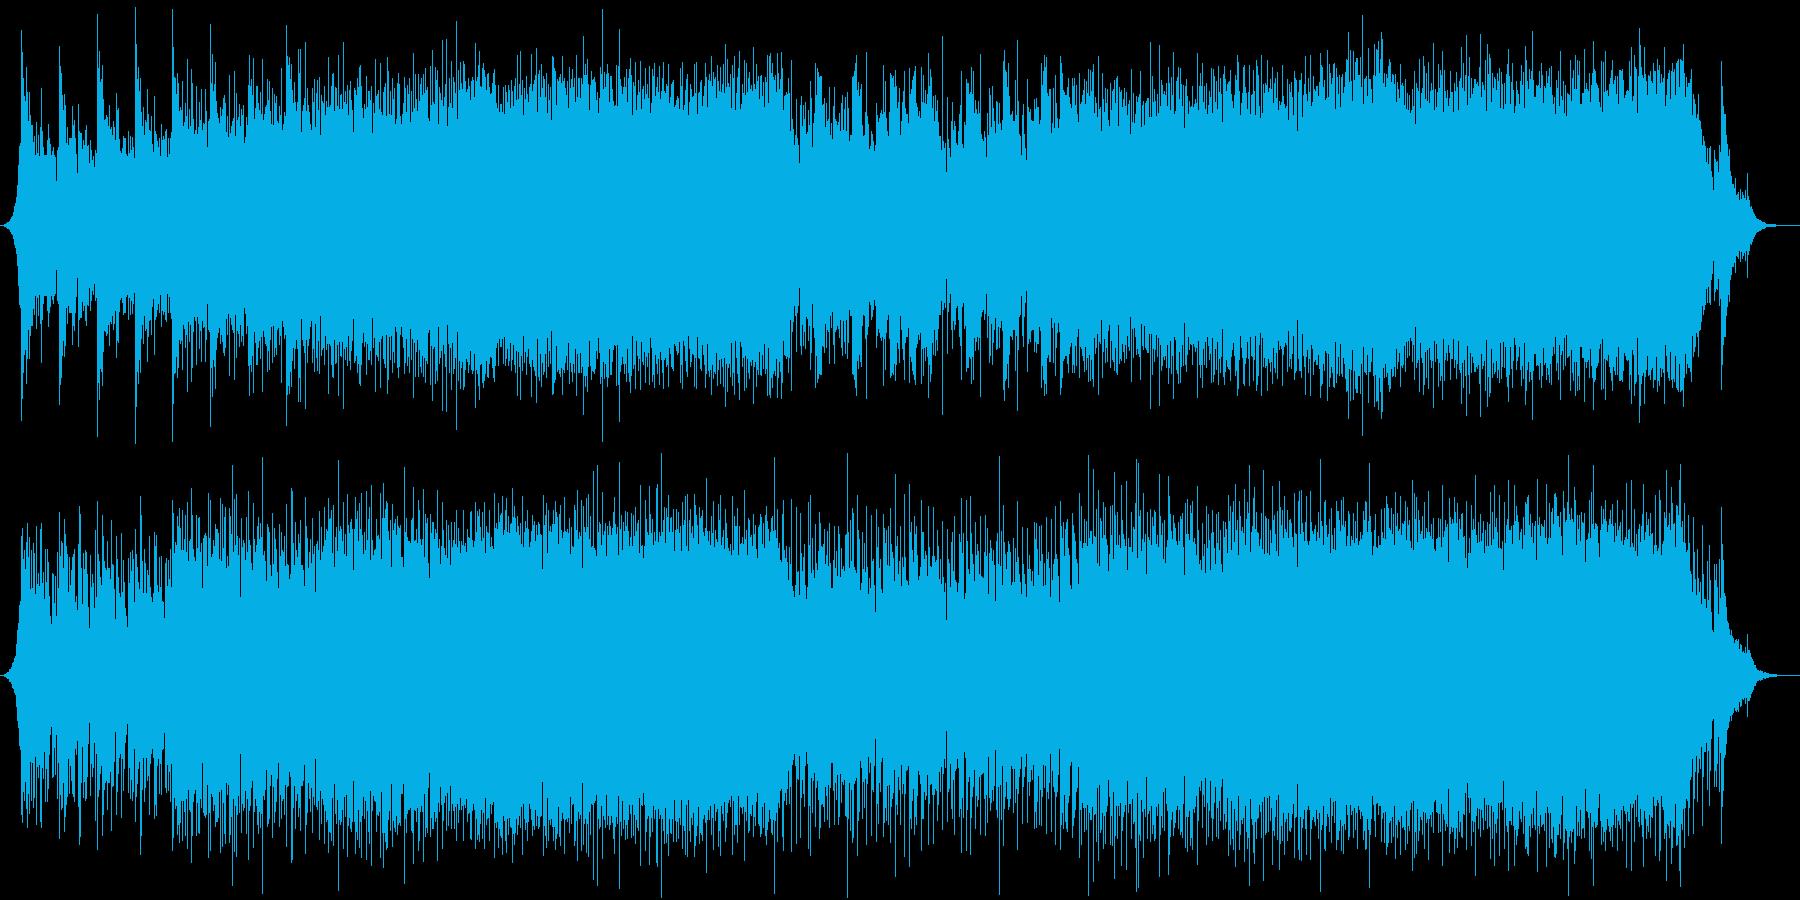 生演奏バイオリンとオーケストラ感動ポップの再生済みの波形